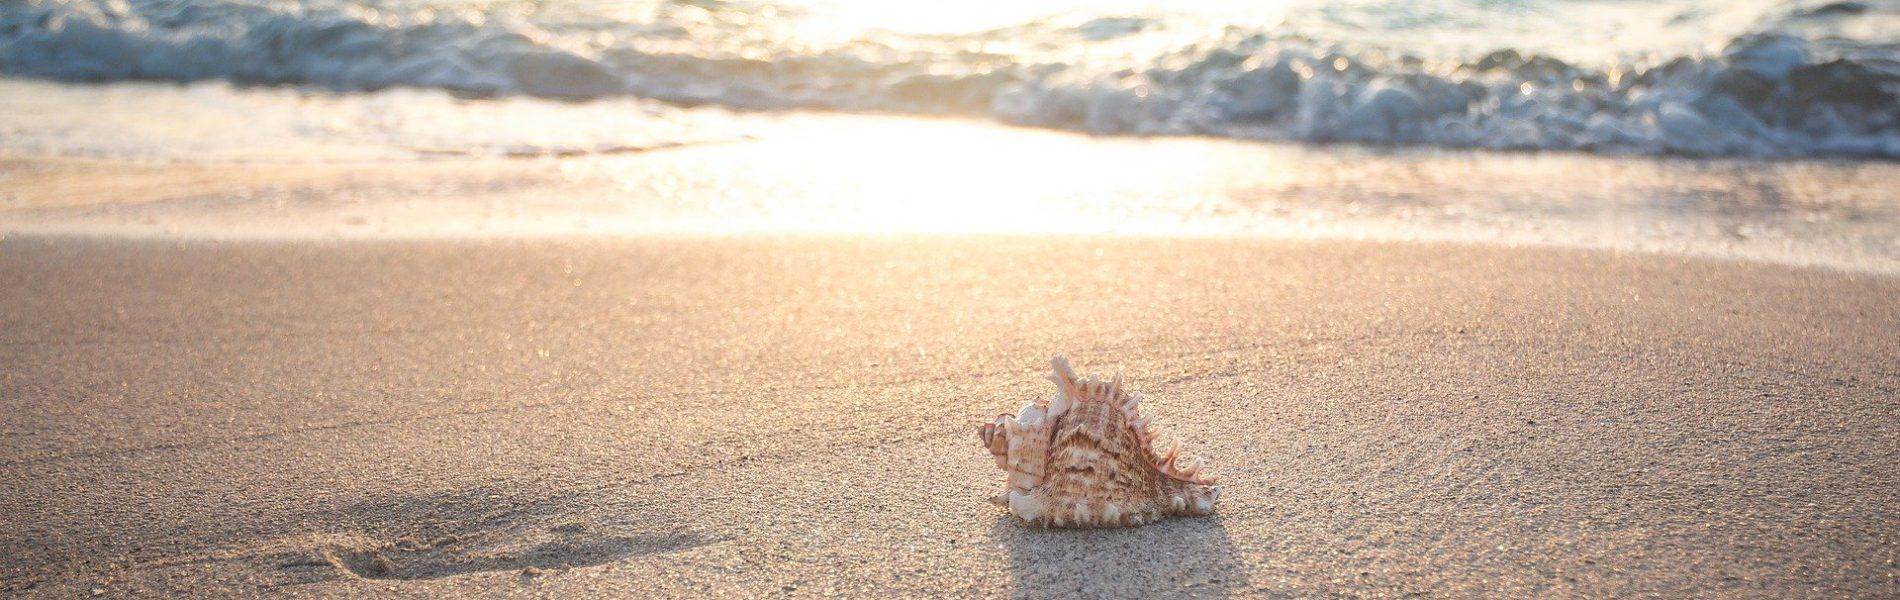 beach-4301479_1920